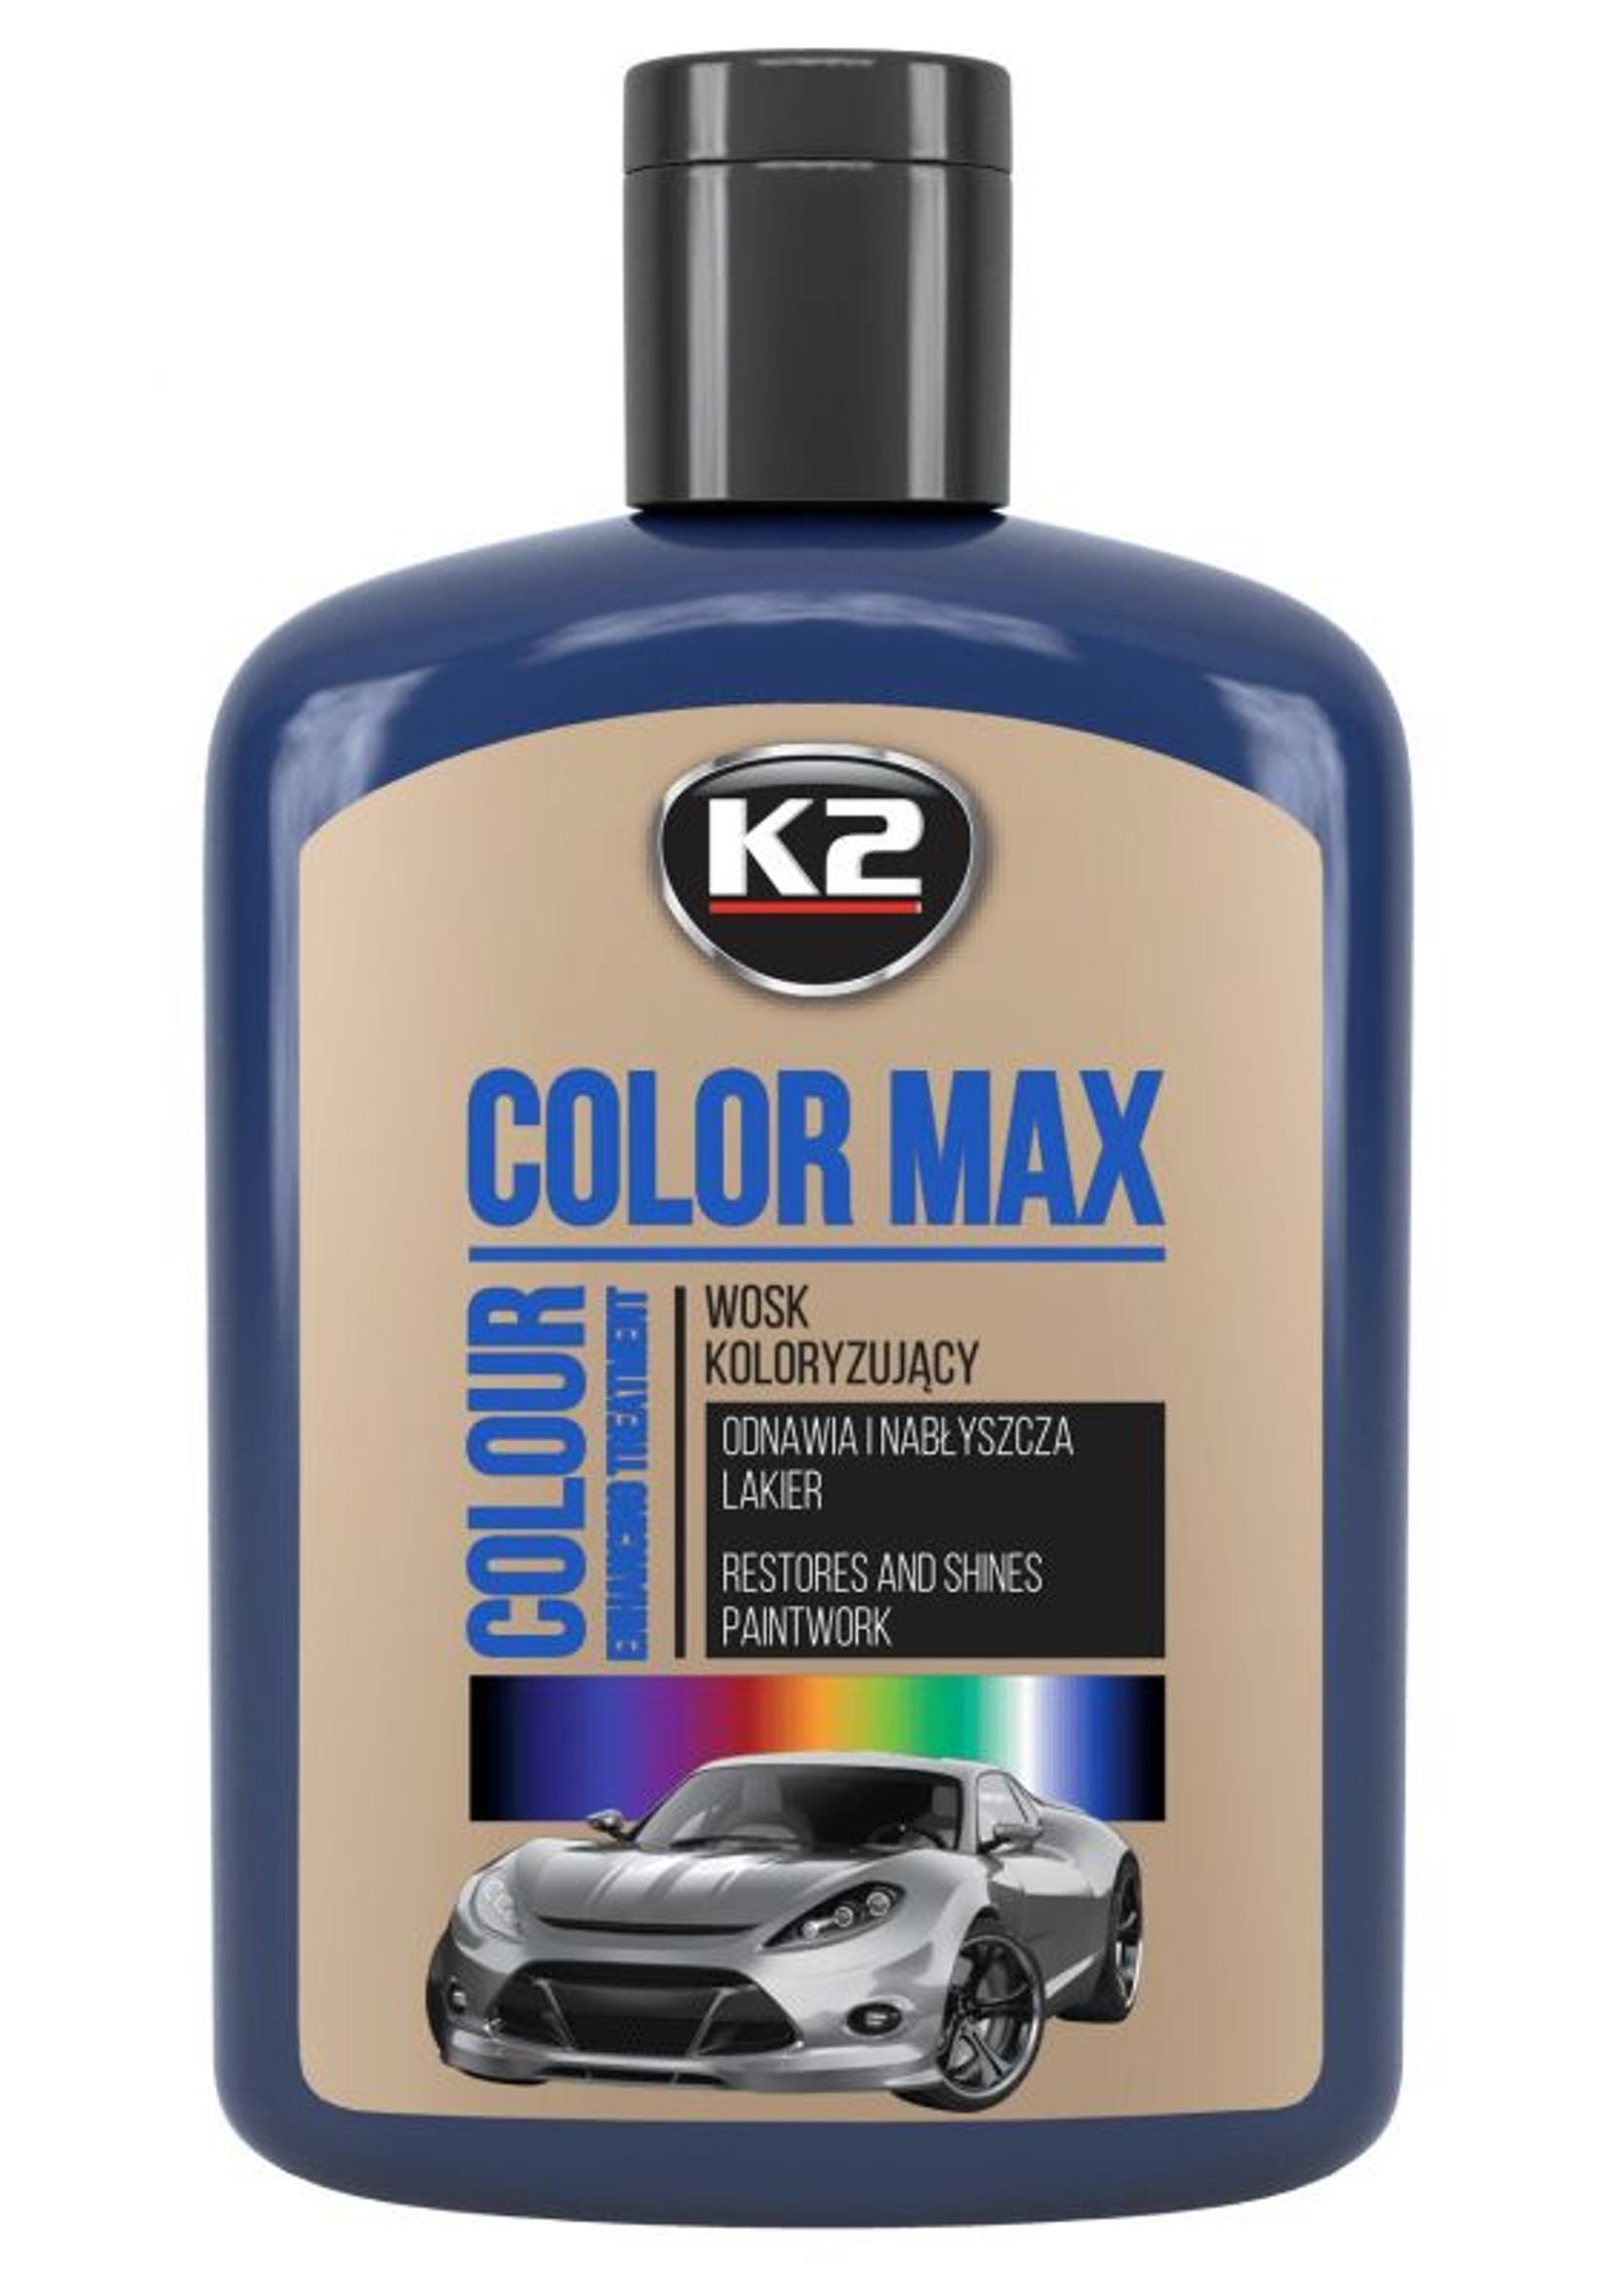 K2 Color Max 200ml Granatowy Wosk Koloryzujący do Lakieru